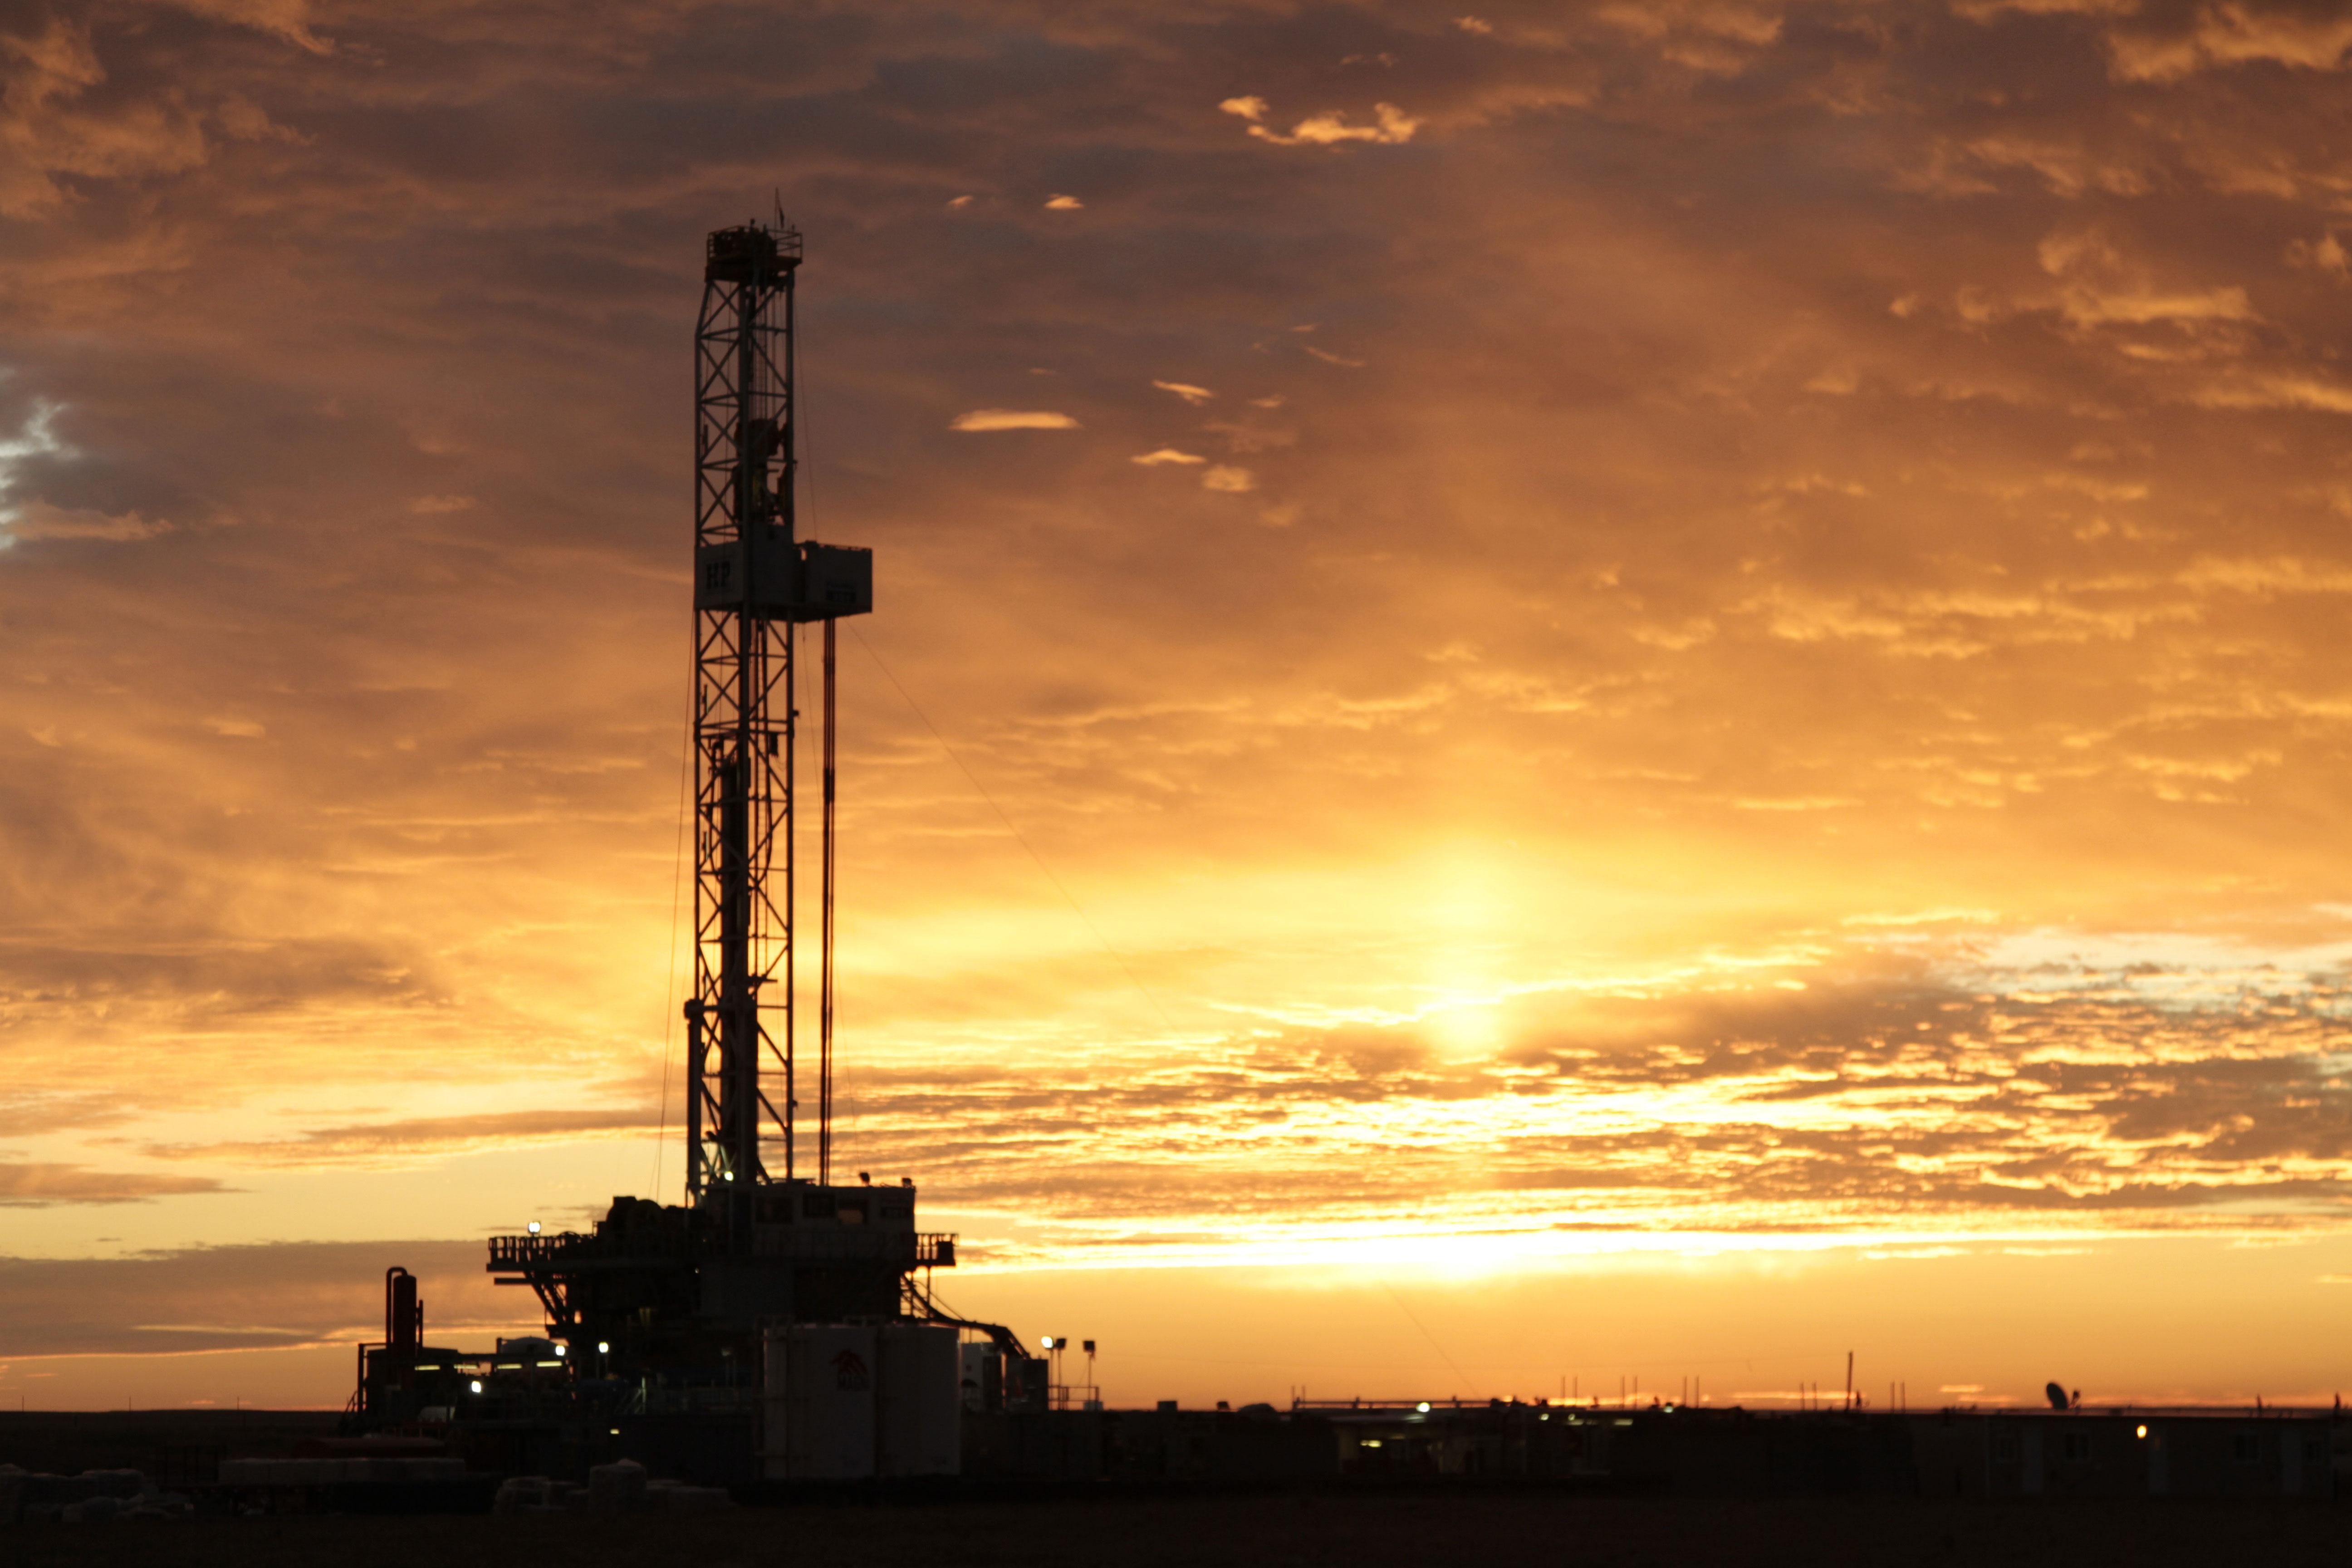 fracking rig